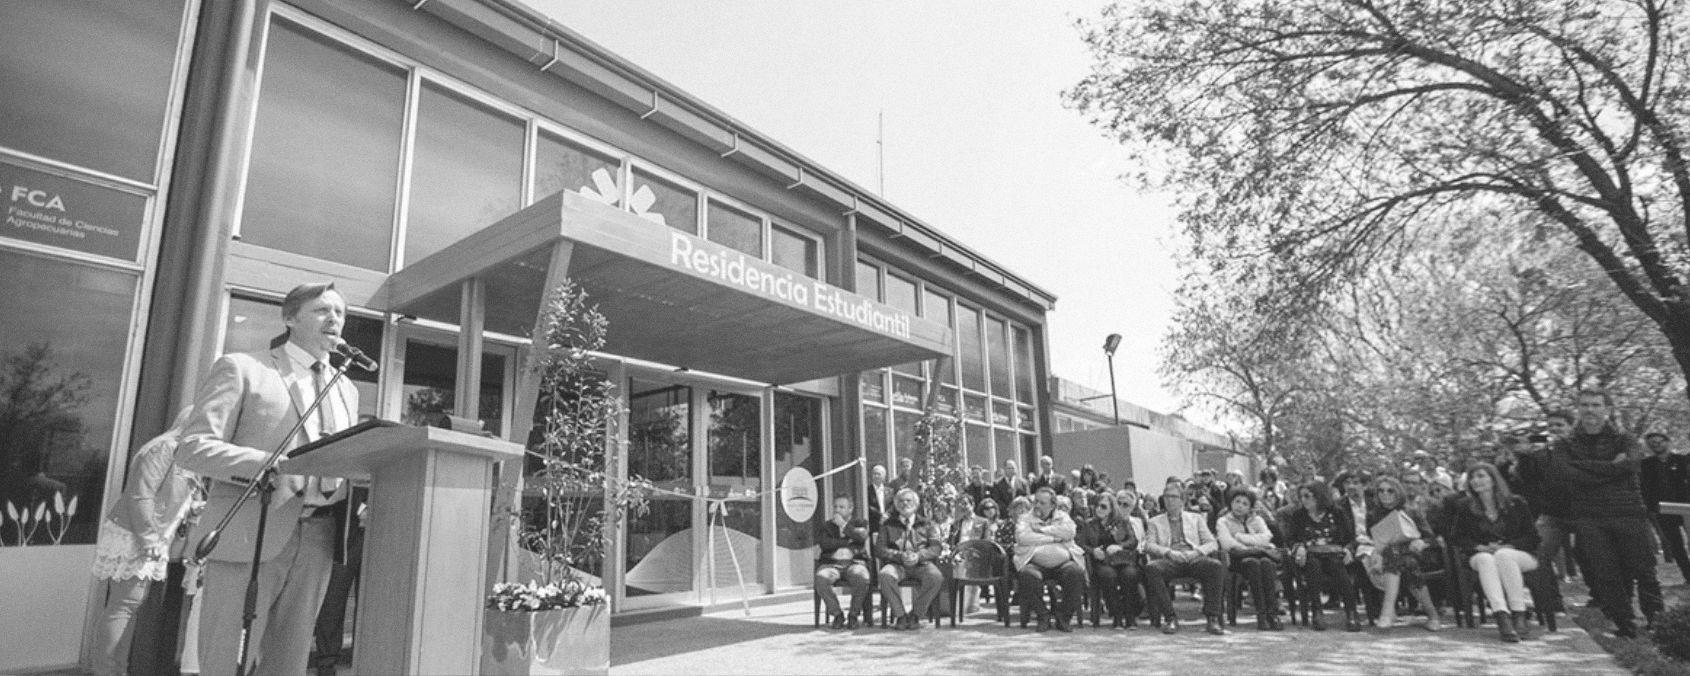 La UNC ya tiene su primera residencia para alojar a estudiantes